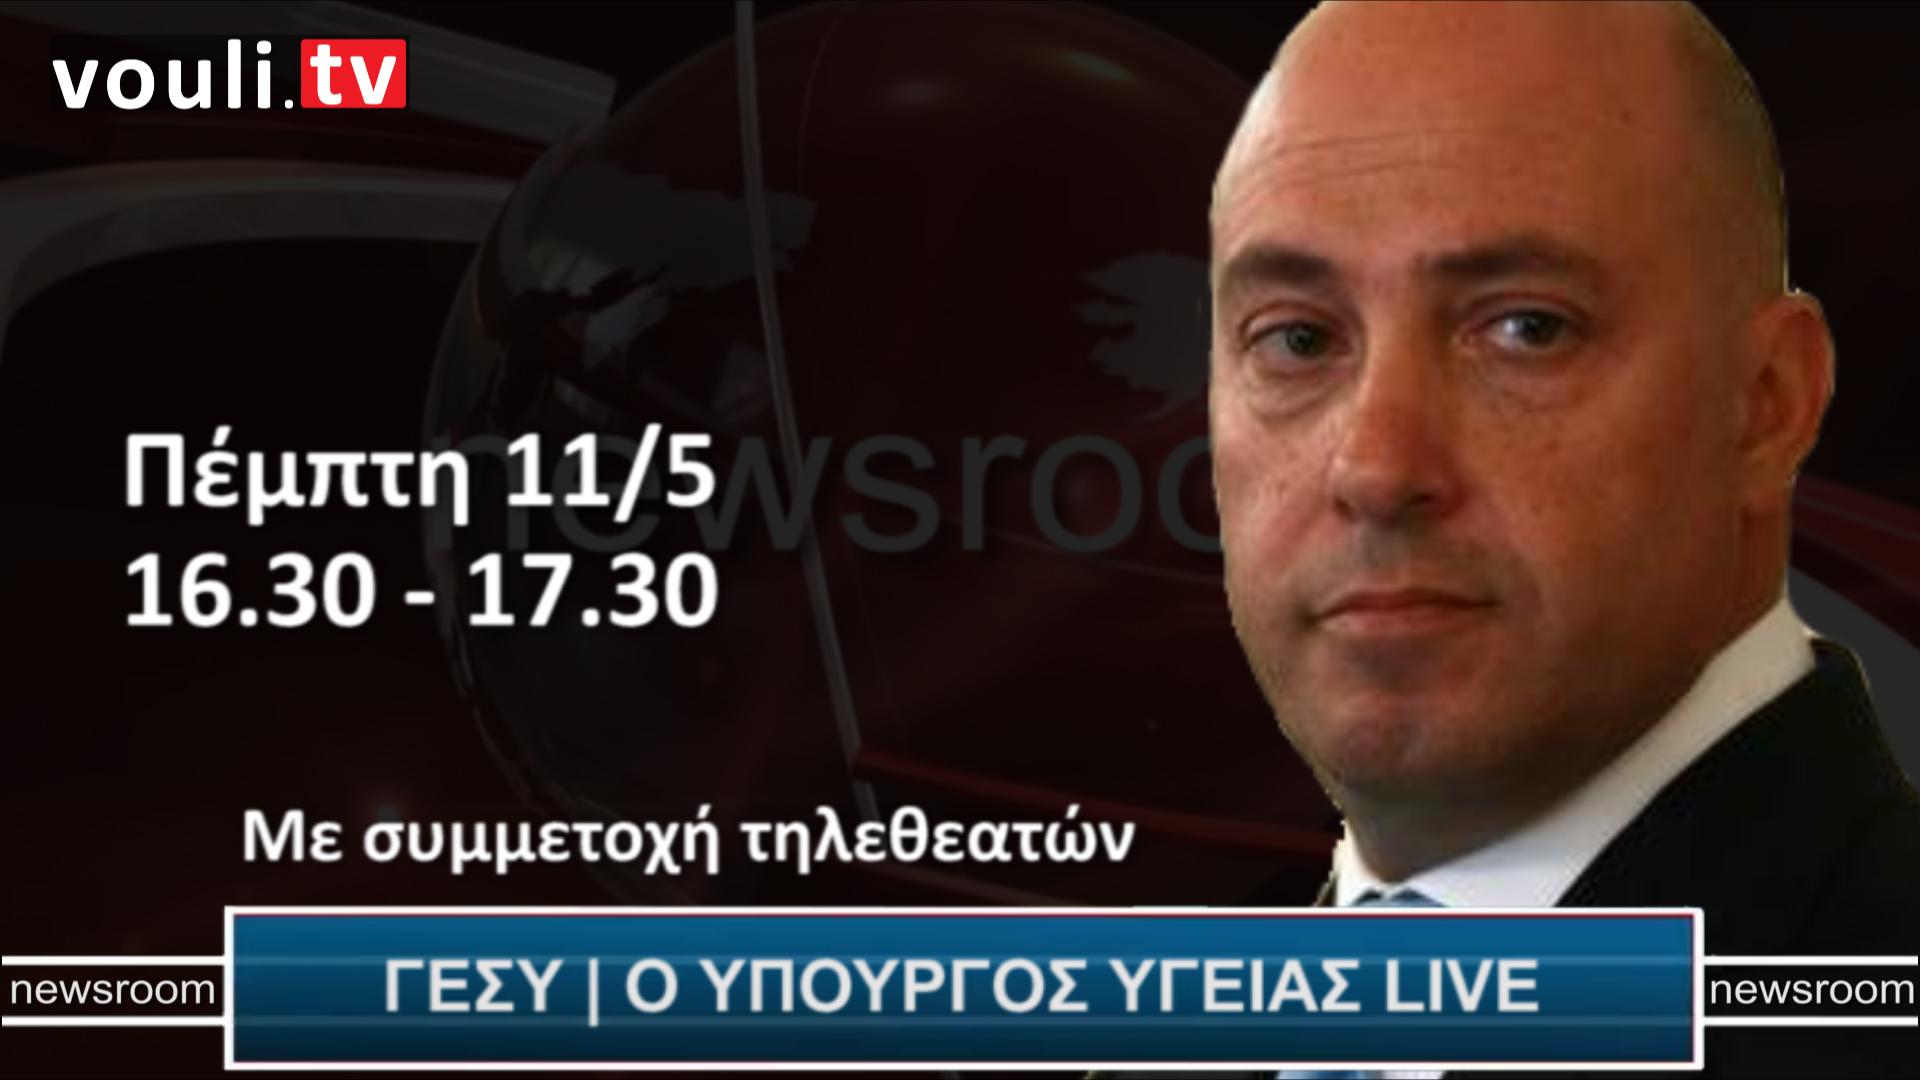 Ο υπουργός υγείας LIVE @ Vouli TV